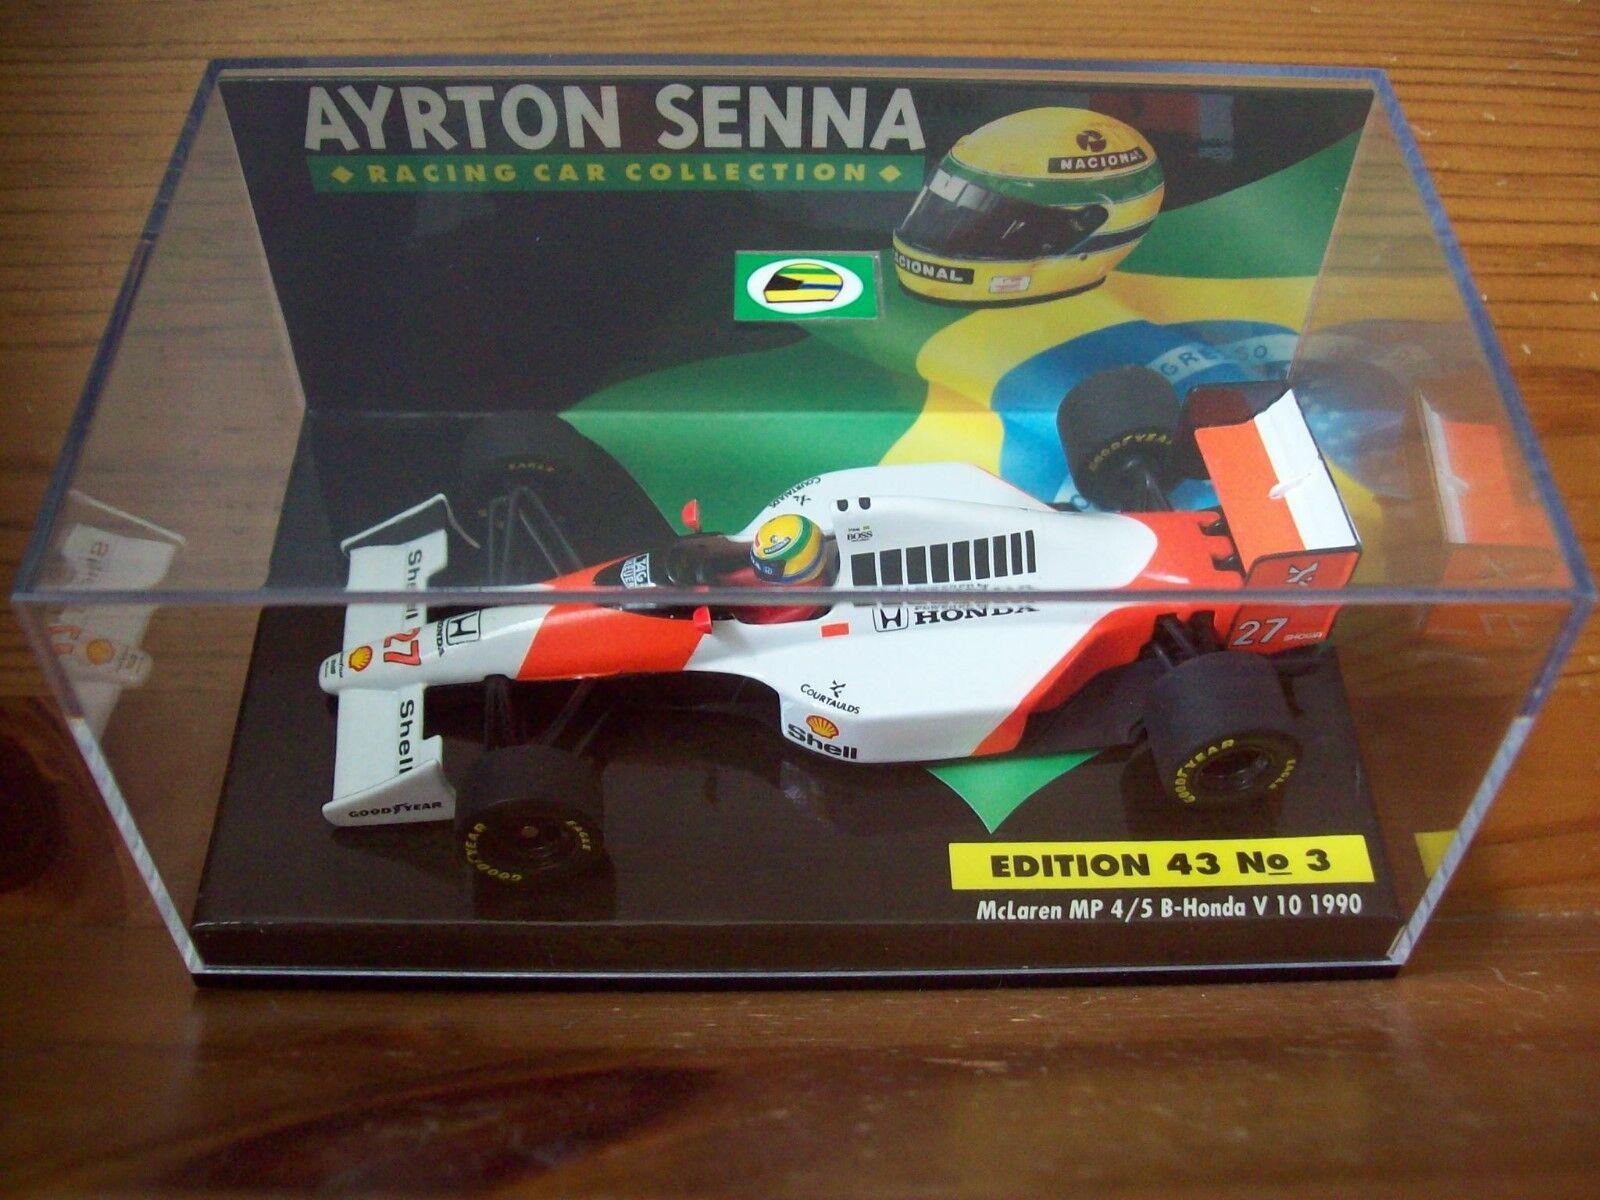 Ahorre hasta un 70% de descuento. 1 43 Ayrton Ayrton Ayrton Senna no 03 McLaren MP4 5B Honda V10 1990 campeón del mundo  Envío 100% gratuito